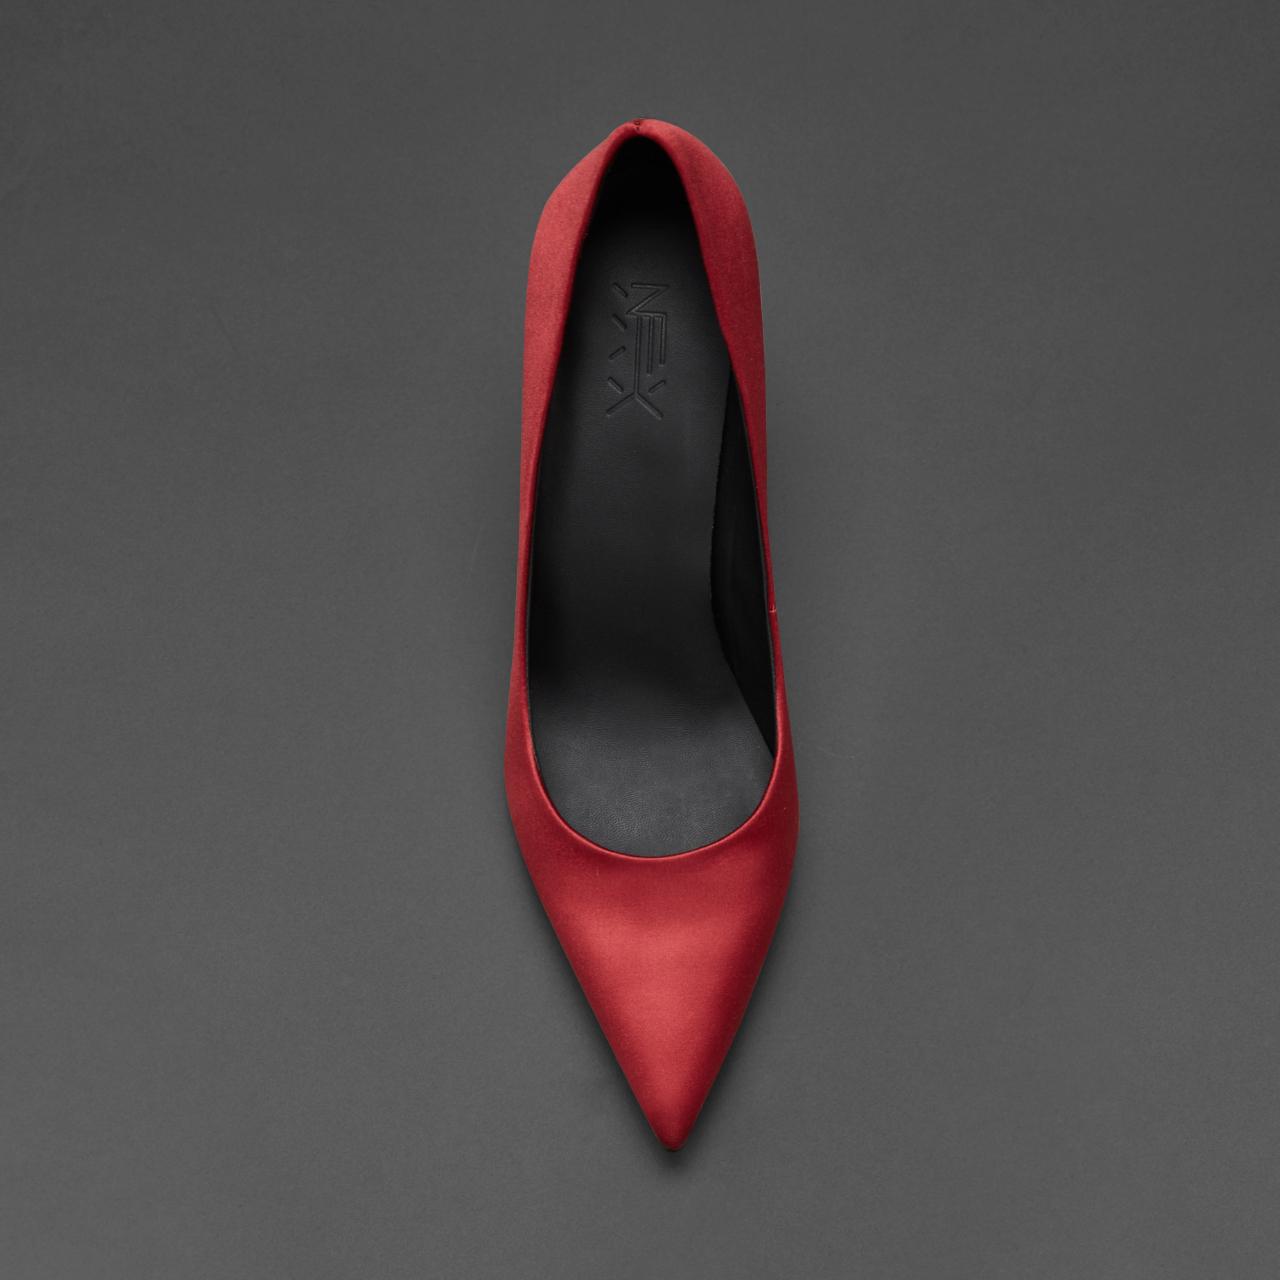 烫社交女鞋红色真丝超细高跟鞋尖头浅口婚礼宴会新娘性感气质单鞋